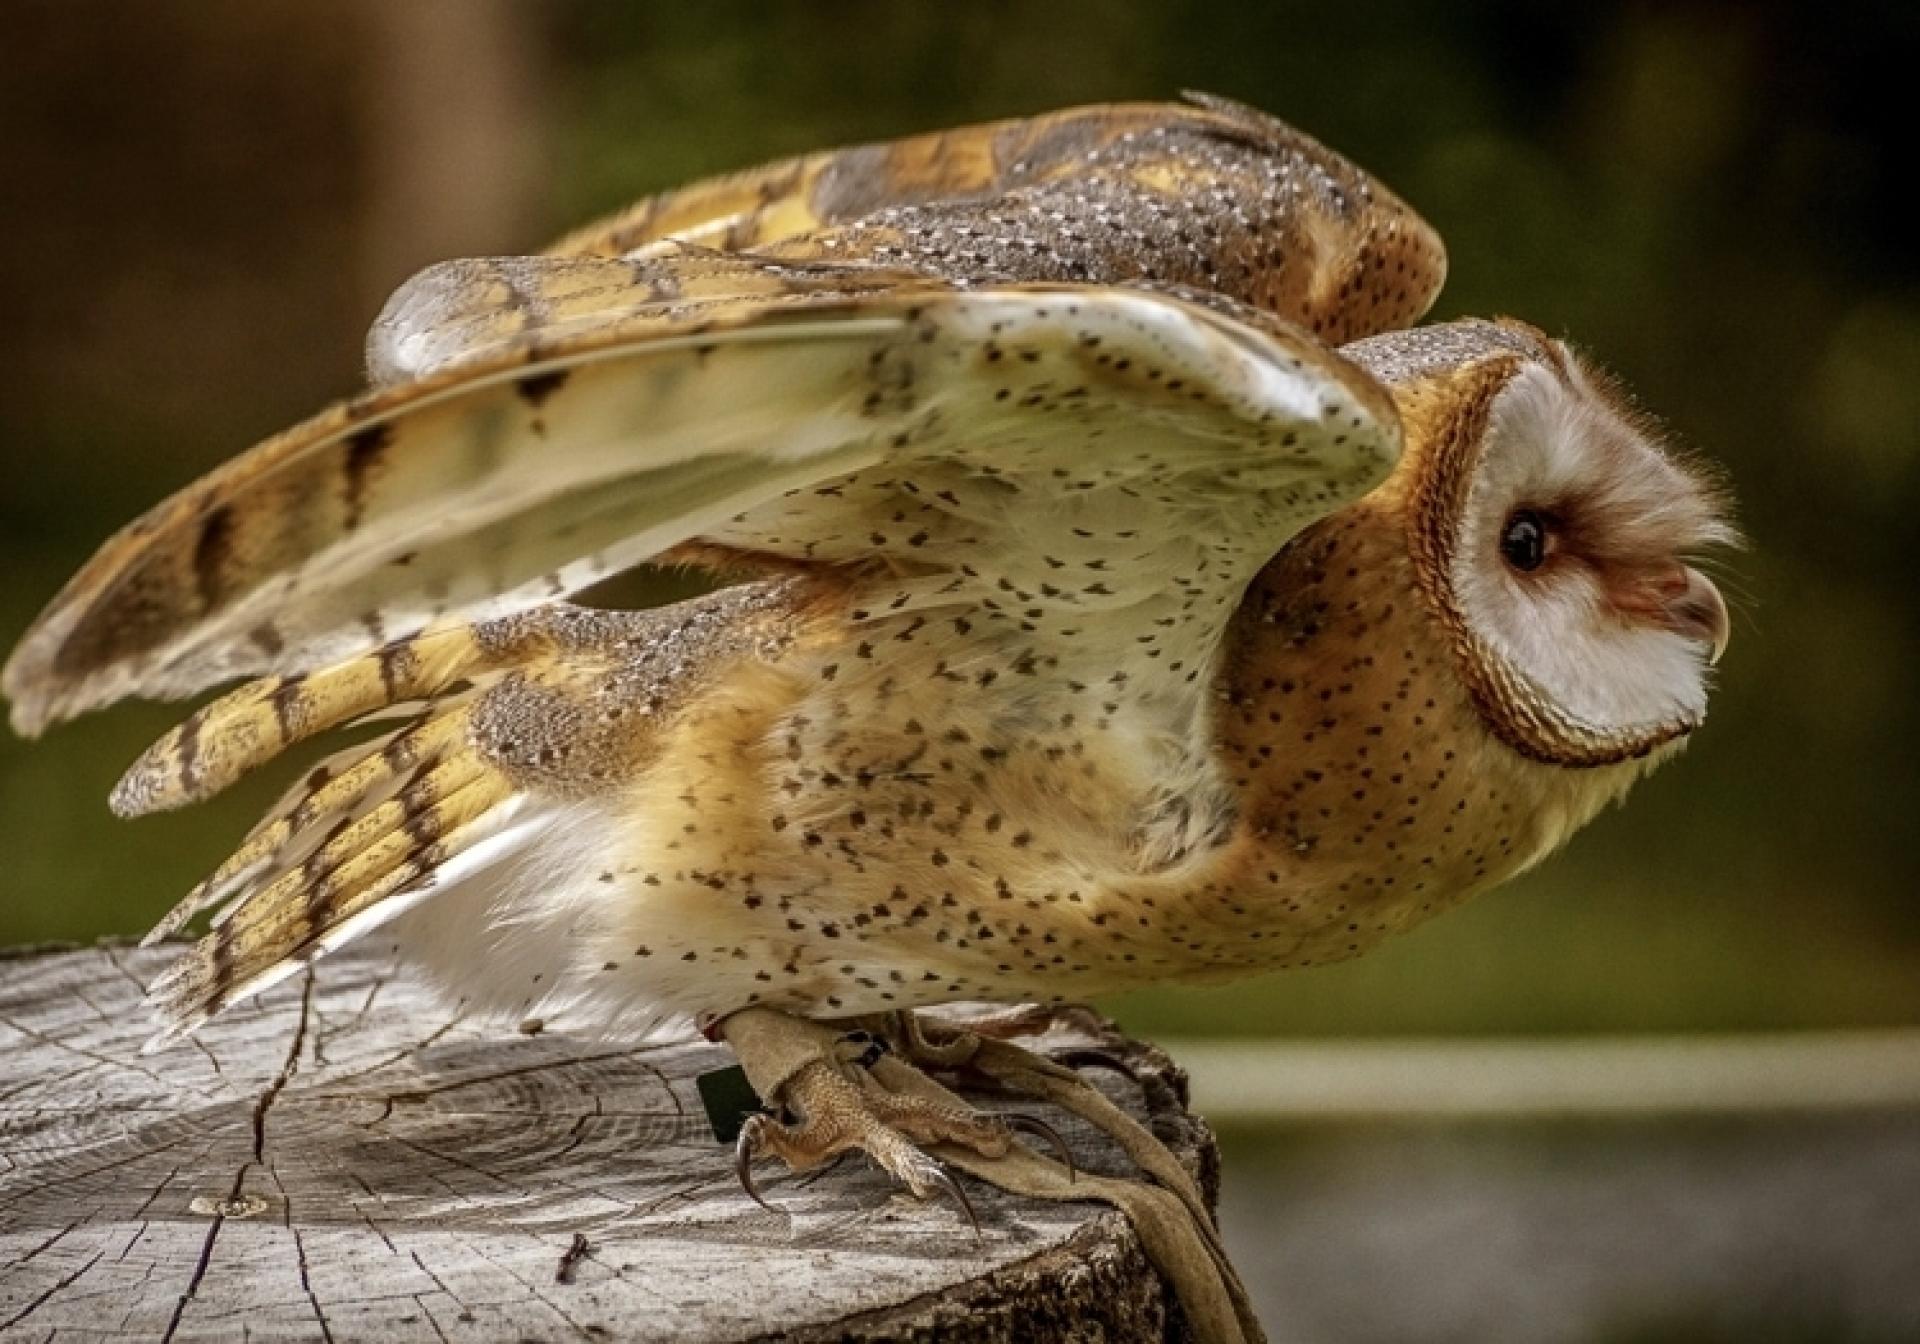 Canon Foto Vogelflug im Weltvogelpark Walsrode - Schwerpunkt Autofokussystem - Canon Academy Natur-, Tier- und Makro